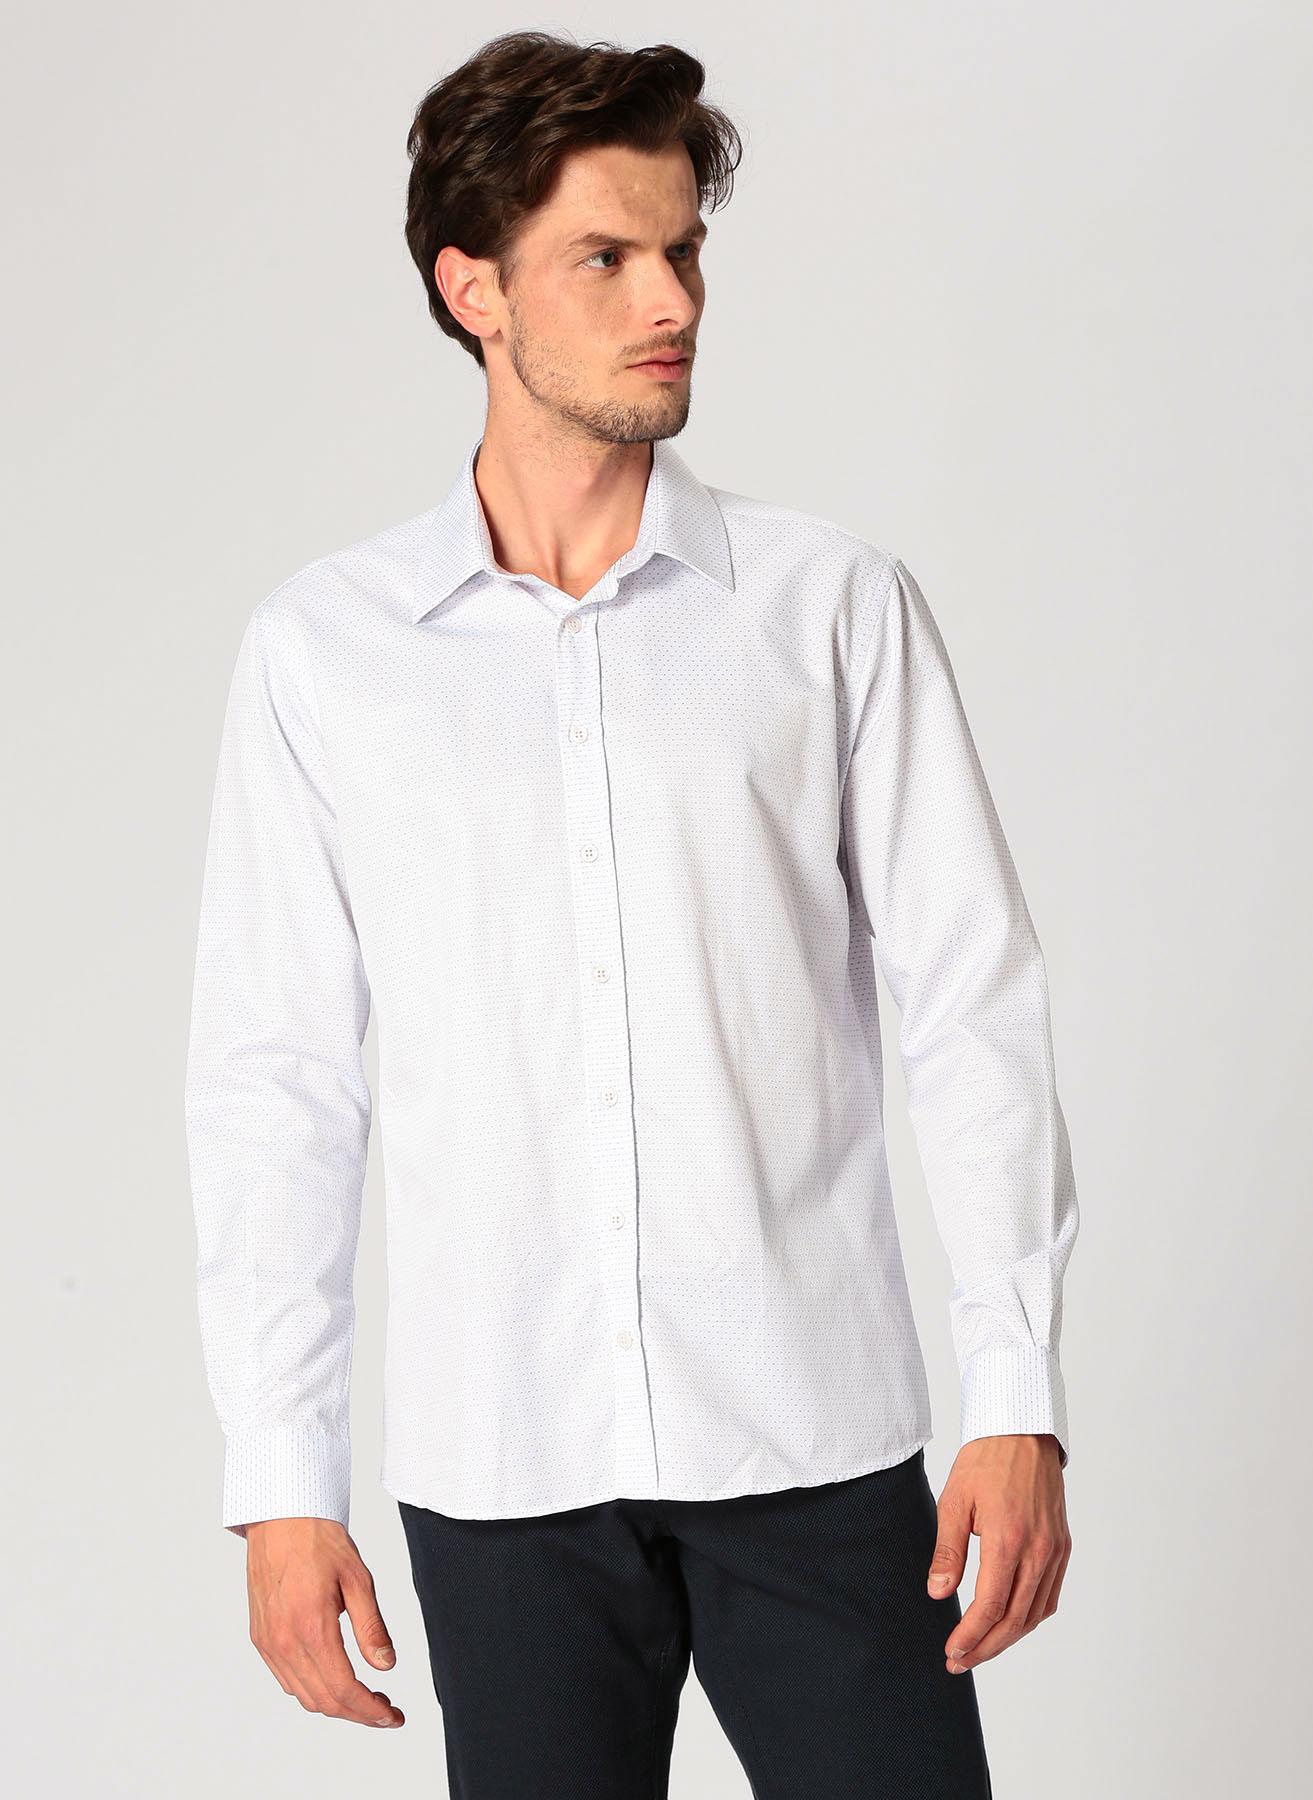 George Hogg Beyaz Gömlek 41 5001699363003 Ürün Resmi